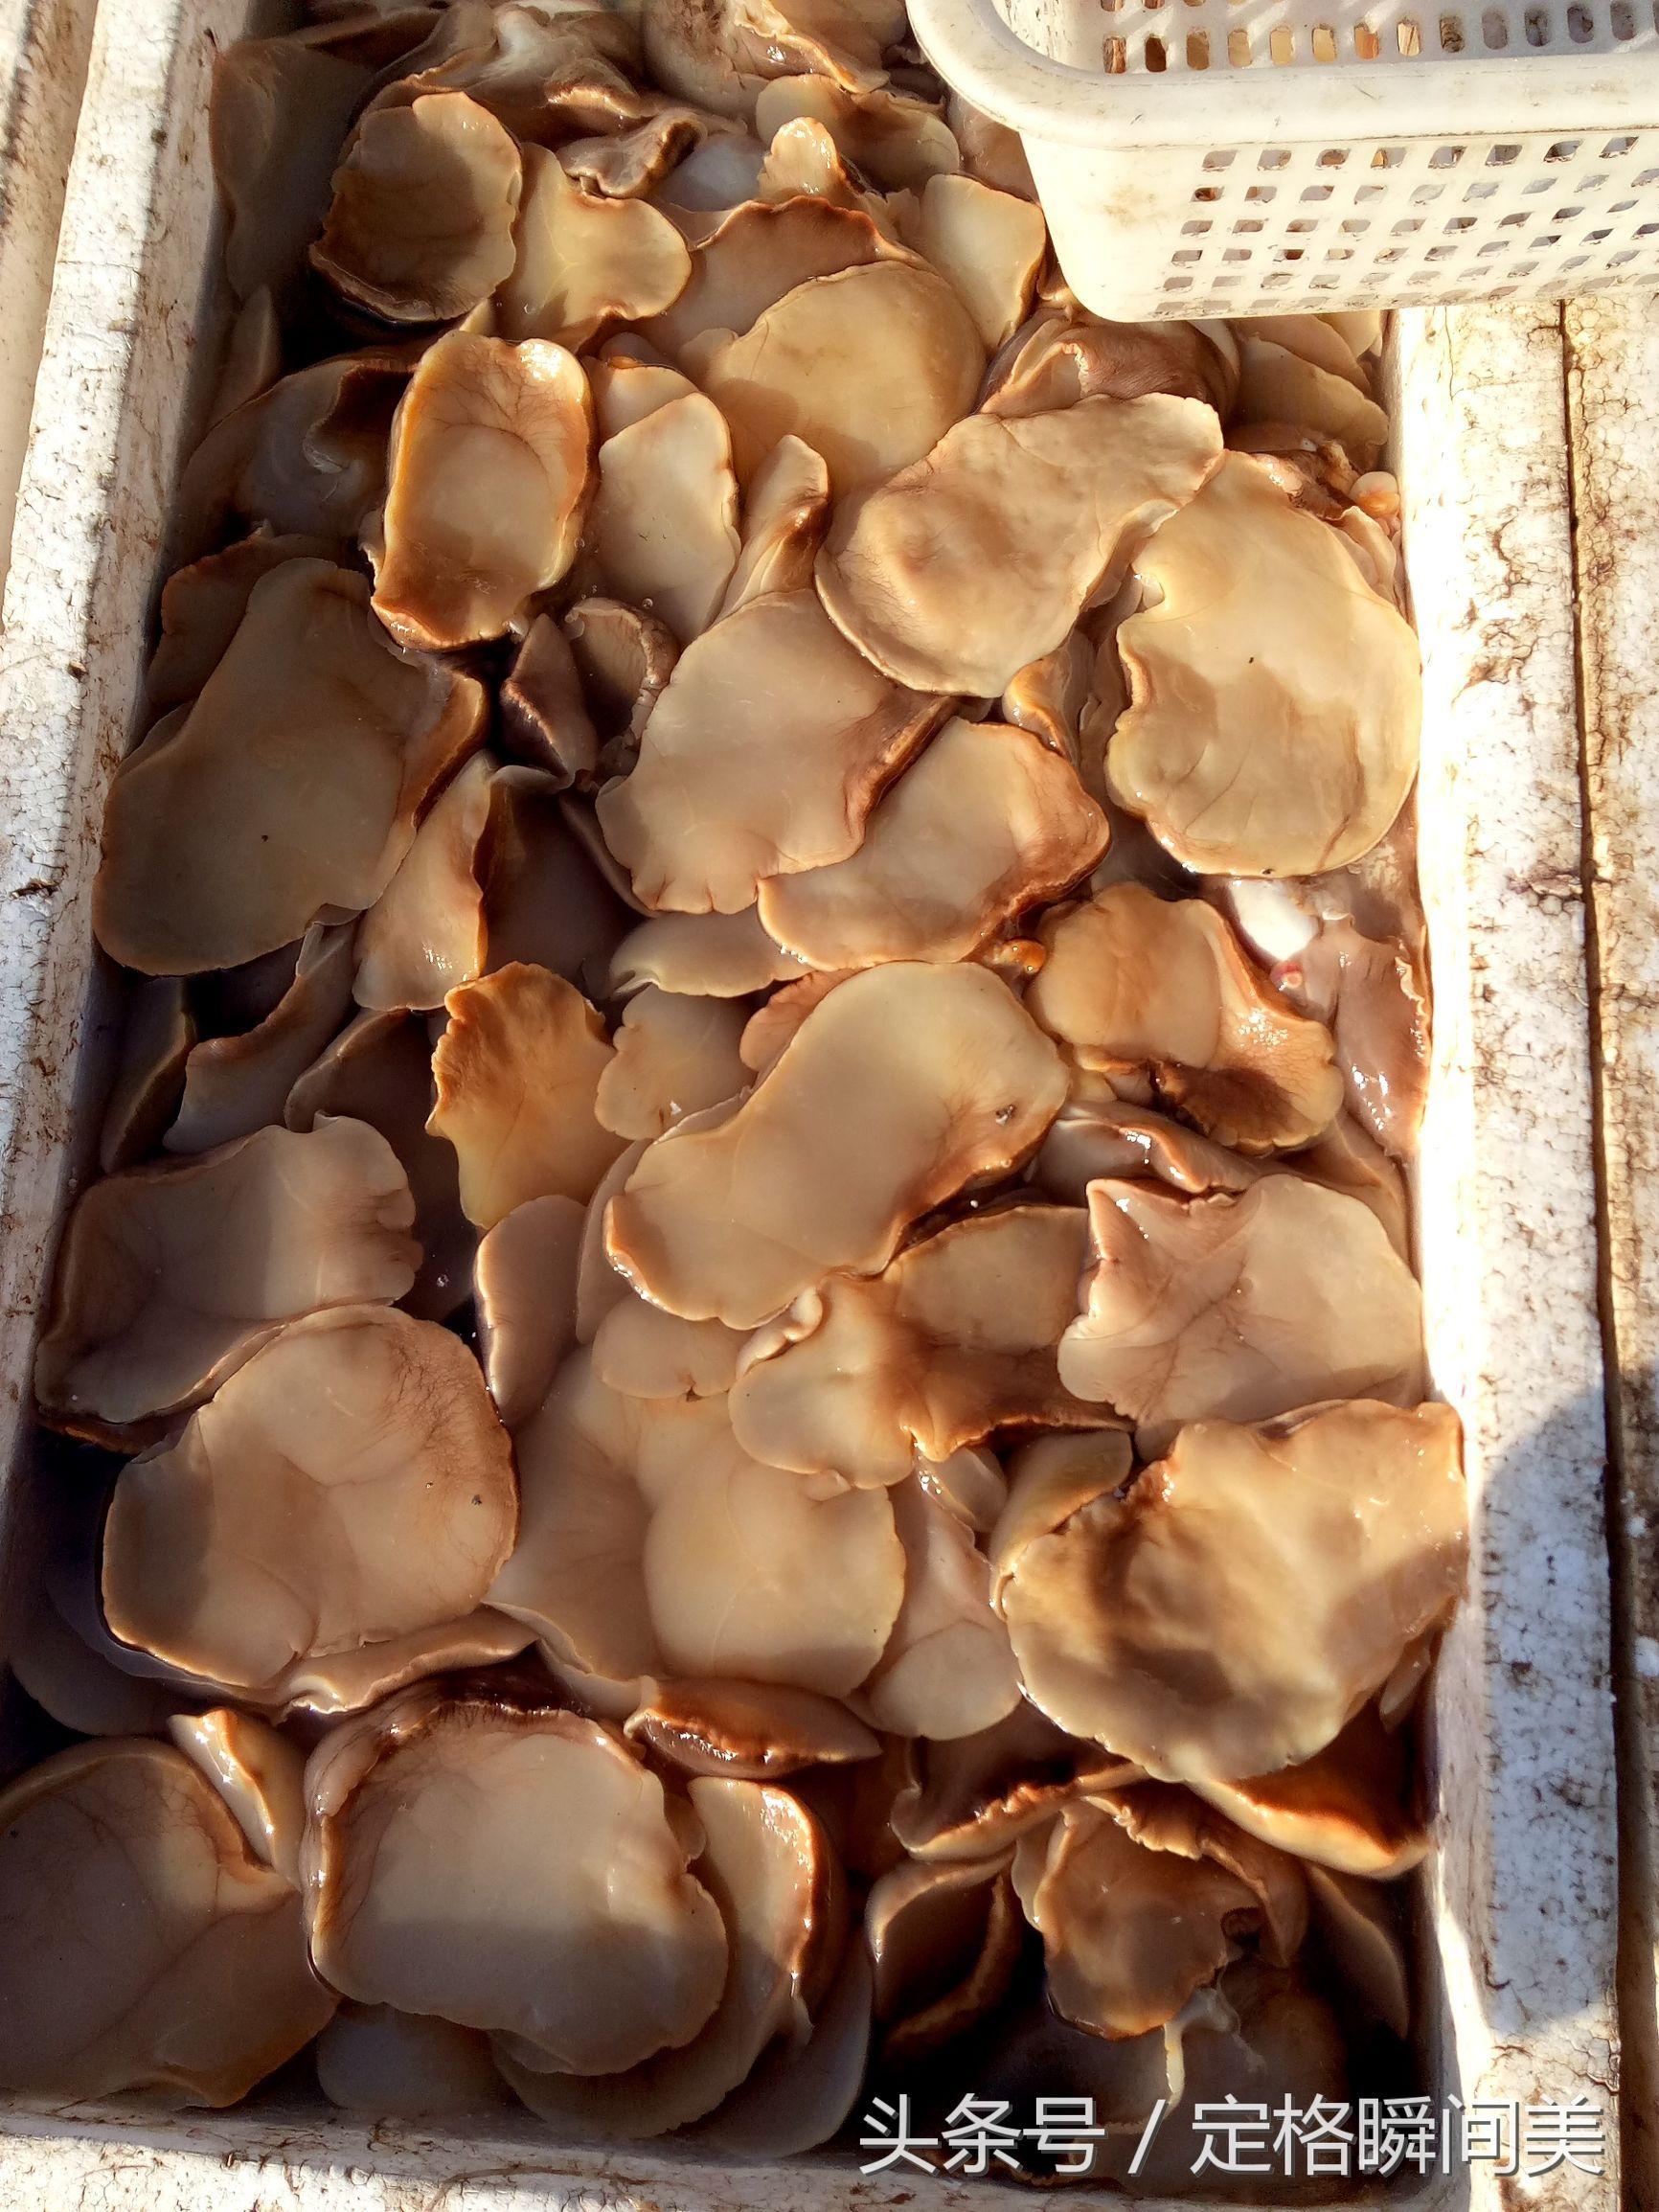 干了个大肥逼_大海螺,肉都出来了,很肥,一斤卖30元.